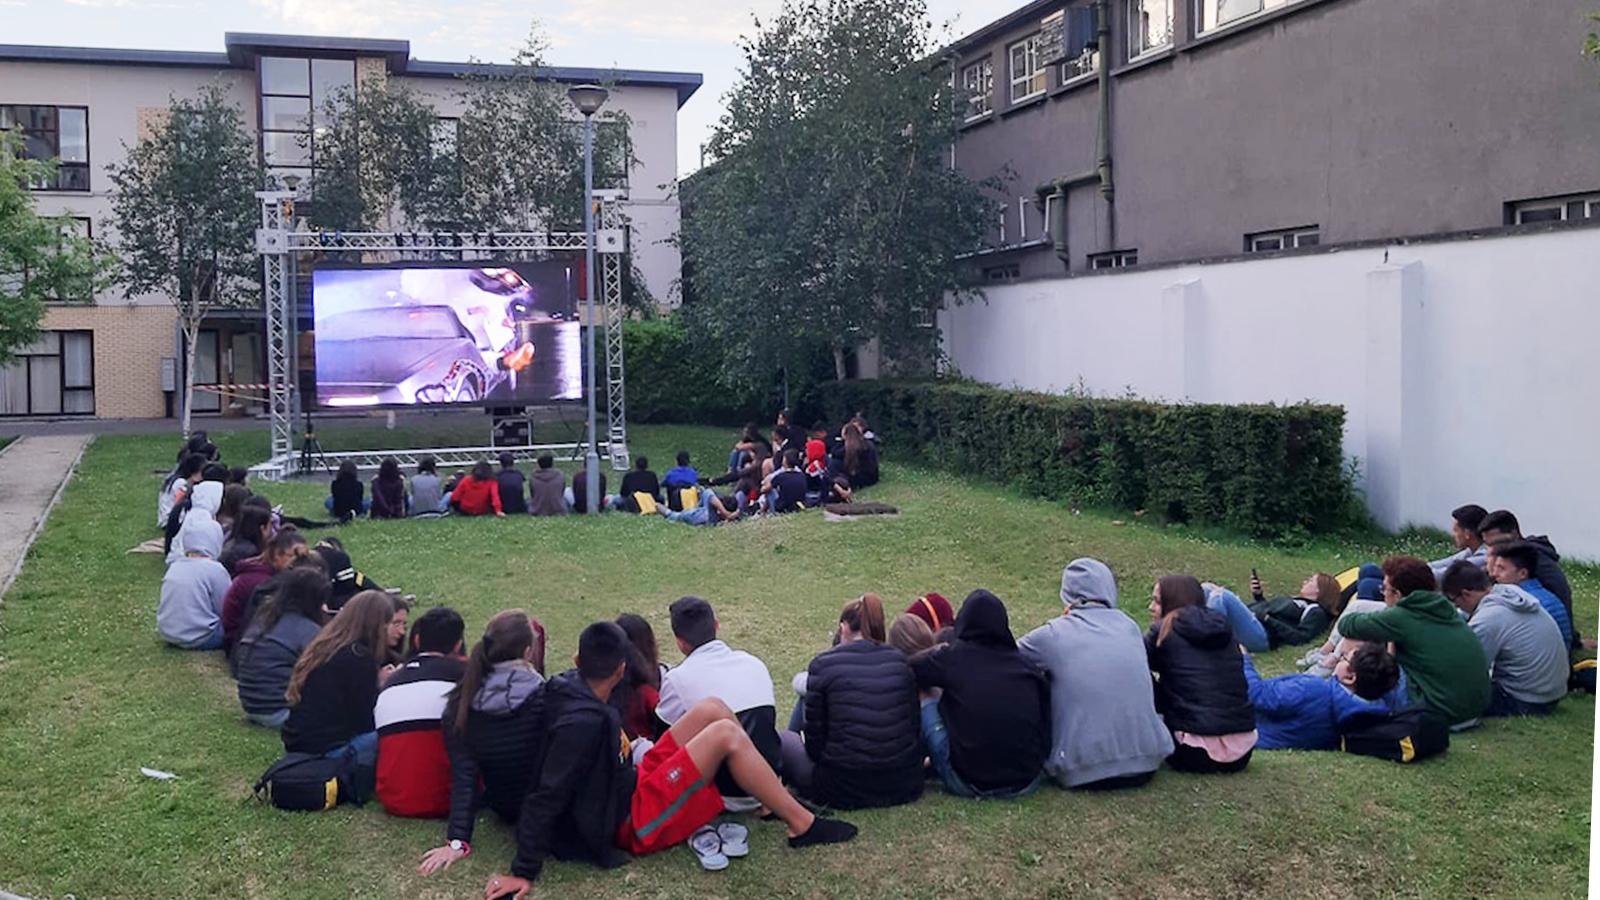 Outdoor Cinemas Big Screen Hire - Big Screen Hire - LED Screen